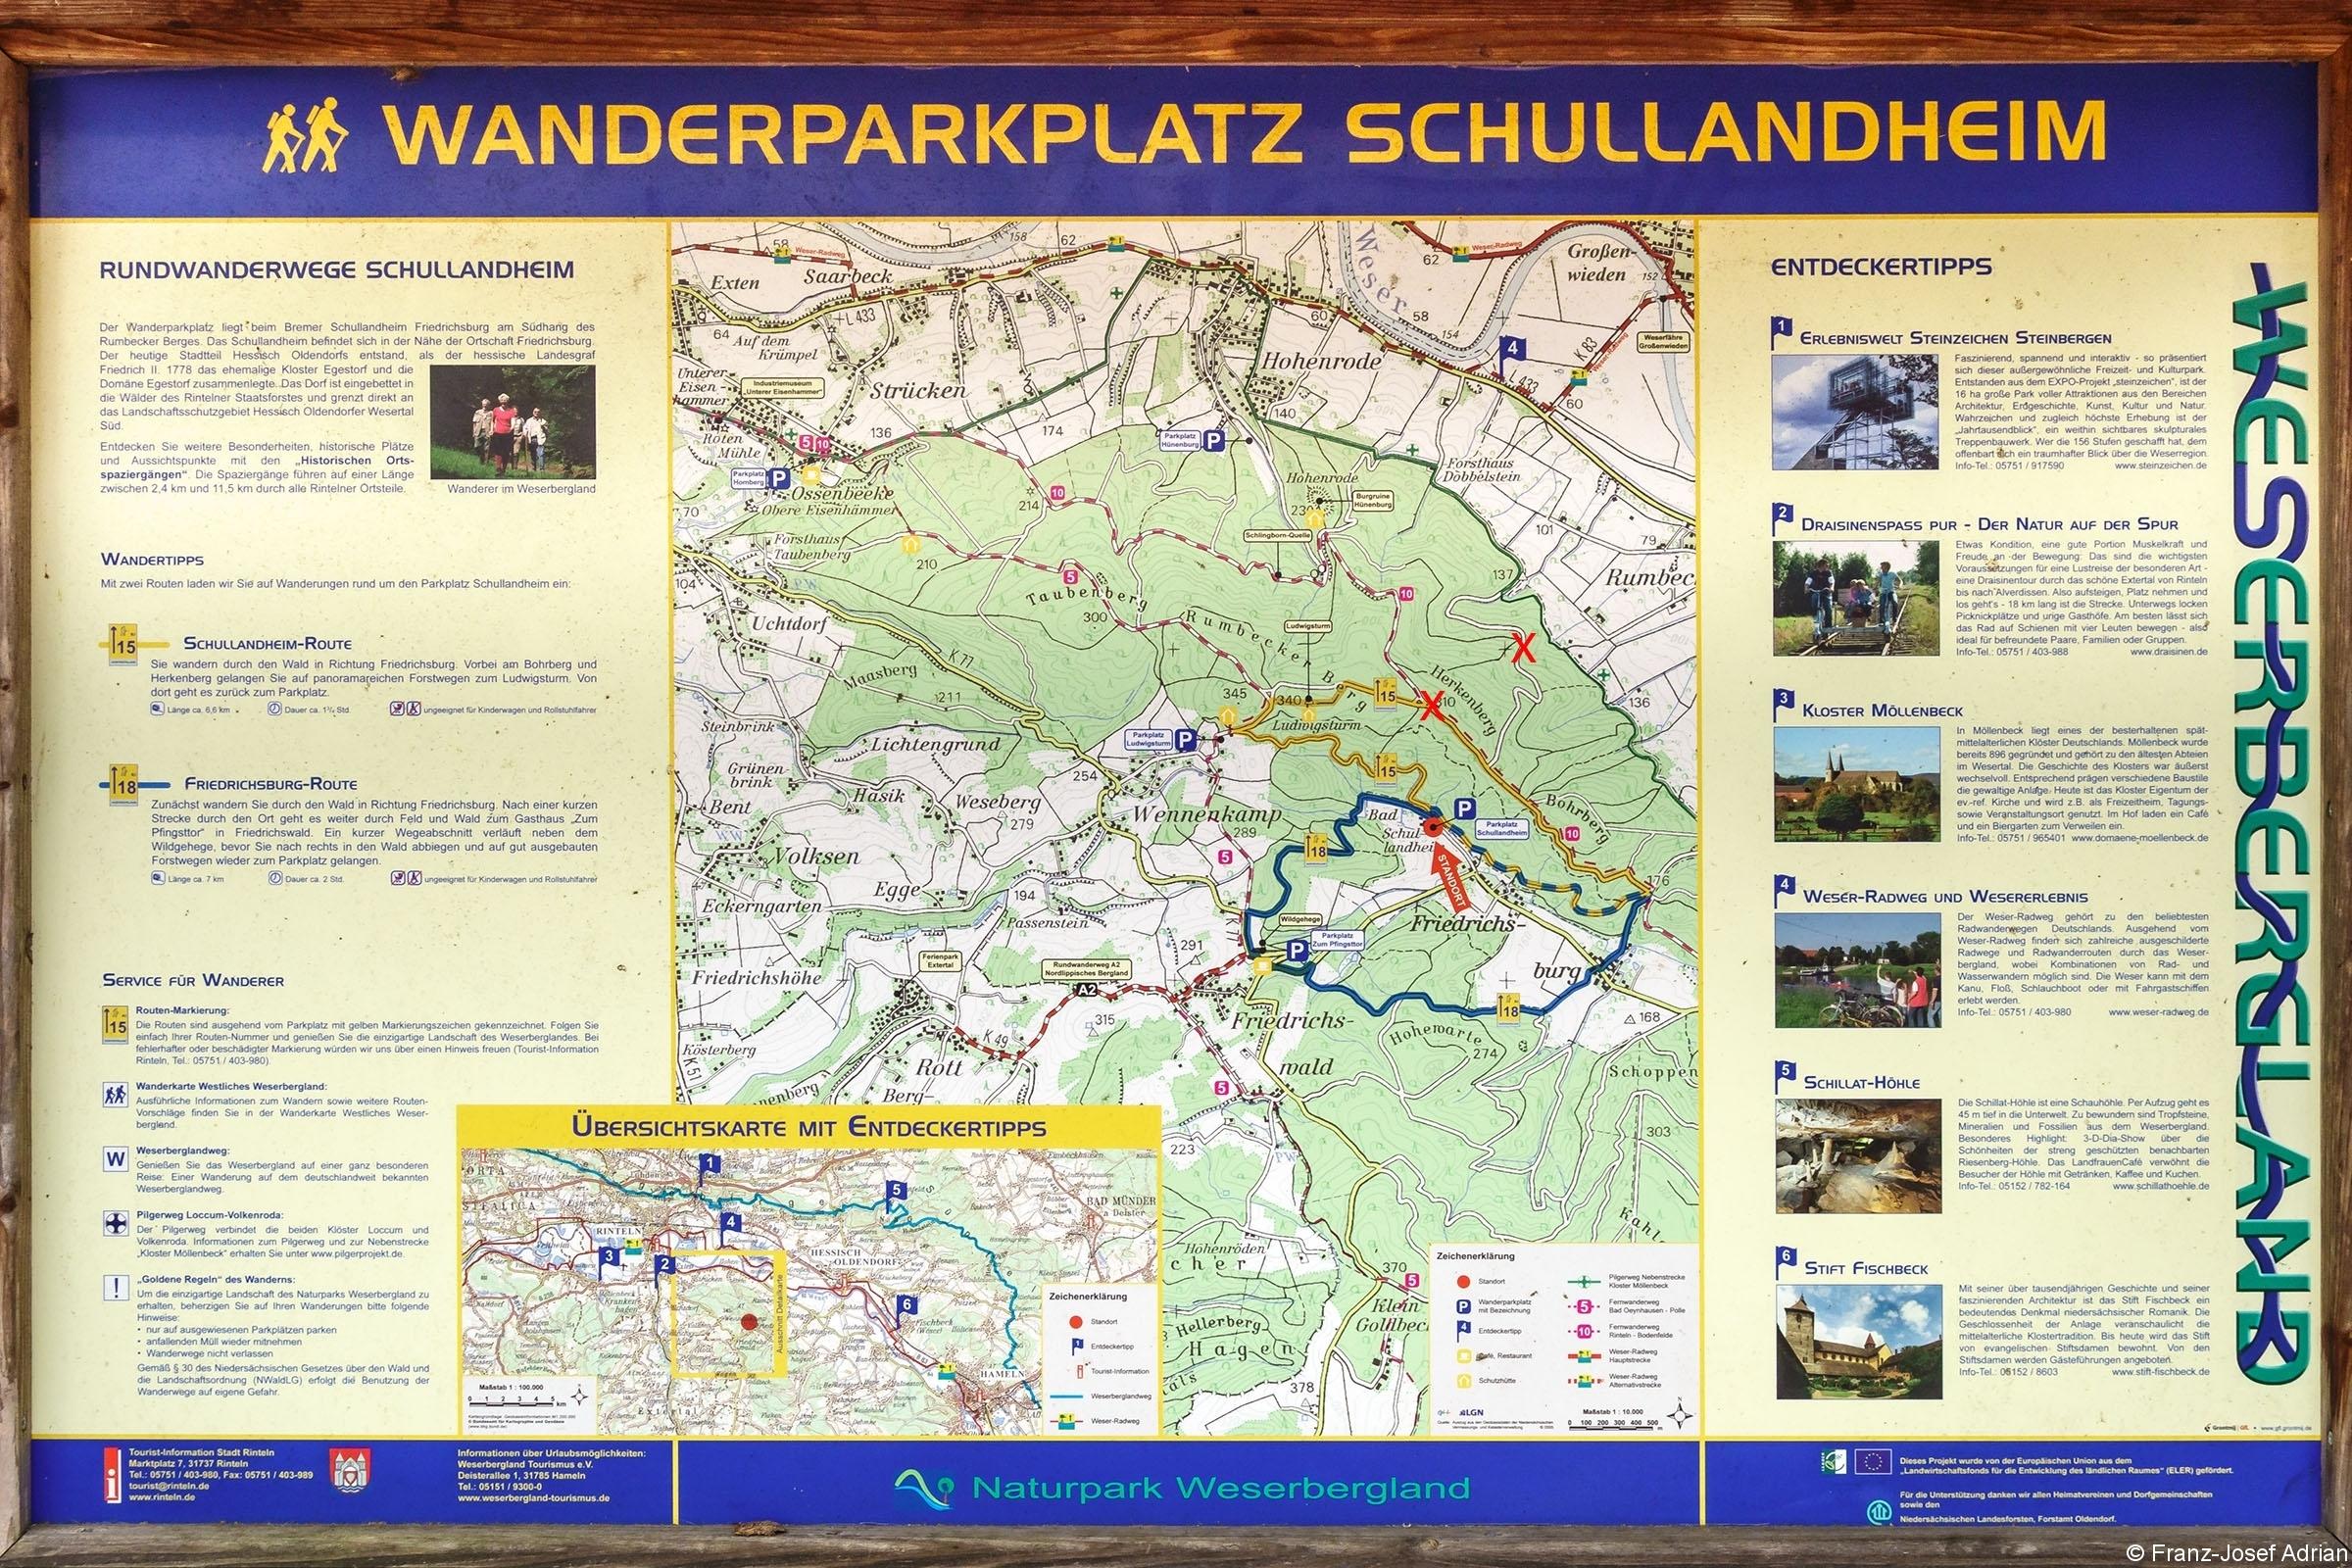 Informationsschild auf dem Wanderparkplatz des ehemaligen Schullandheims in Friedrichsburg (Hessisch Oldendorf)